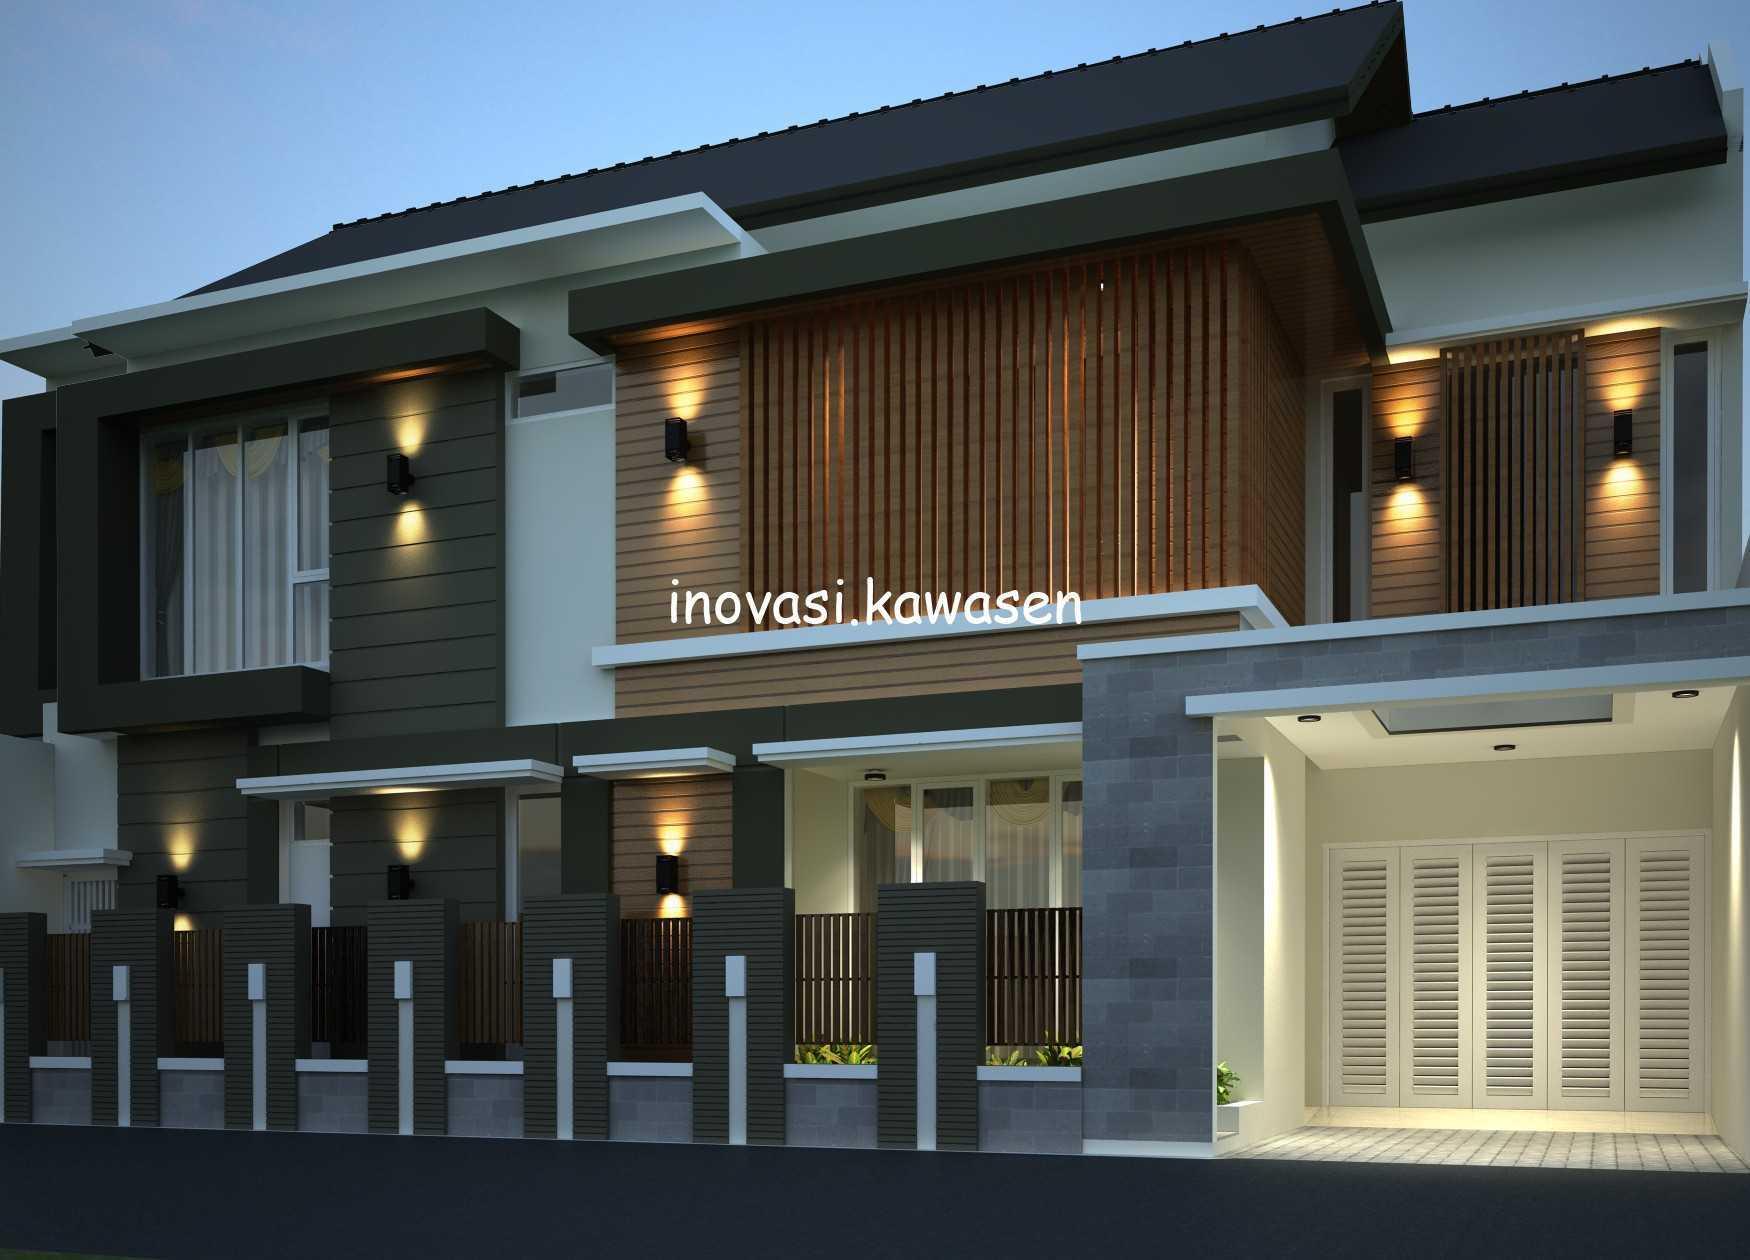 Inovasi Kawasen Rumah Tinggal Bpk.  Dimas Kota Bogor, Jawa Barat, Indonesia Kota Bogor, Jawa Barat, Indonesia Inovasi-Kawasen-Rumah-Tinggal-Bpk-Dimas  89824